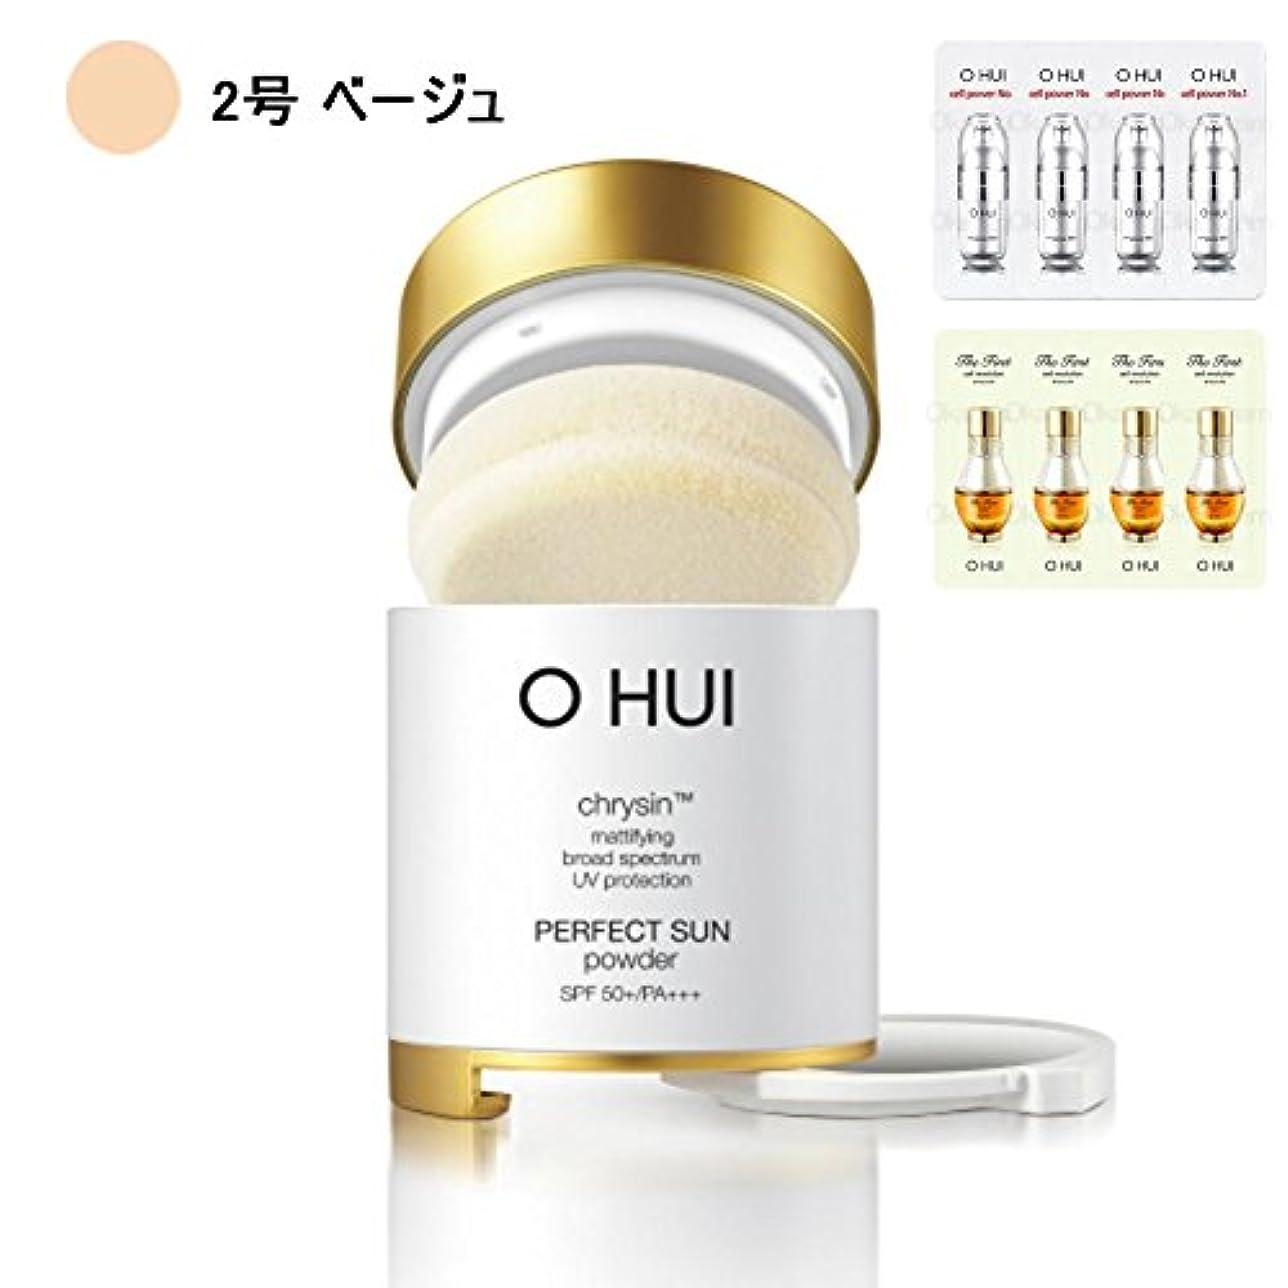 バスト良さ精緻化[オフィ/O HUI]韓国化粧品 LG生活健康/OHUI OFS06 PERFECT SUN POWDER/オフィ パーフェクトサンパウダー 2号 (SPF50+/PA+++) +[Sample Gift](海外直送品)